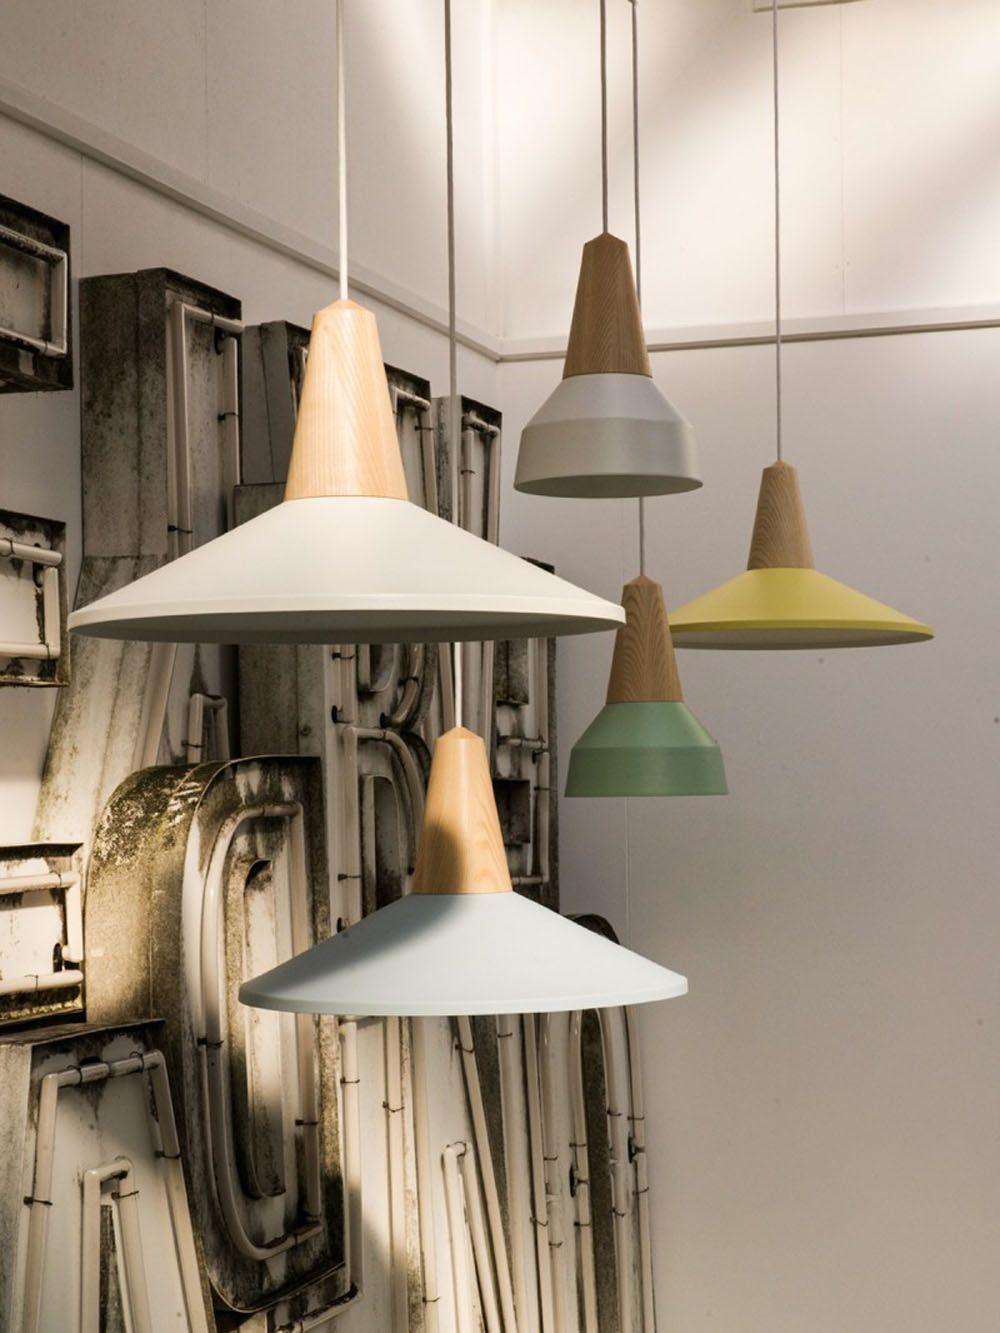 Schneid Eikon Lamp Leuchte Design Wood Holz